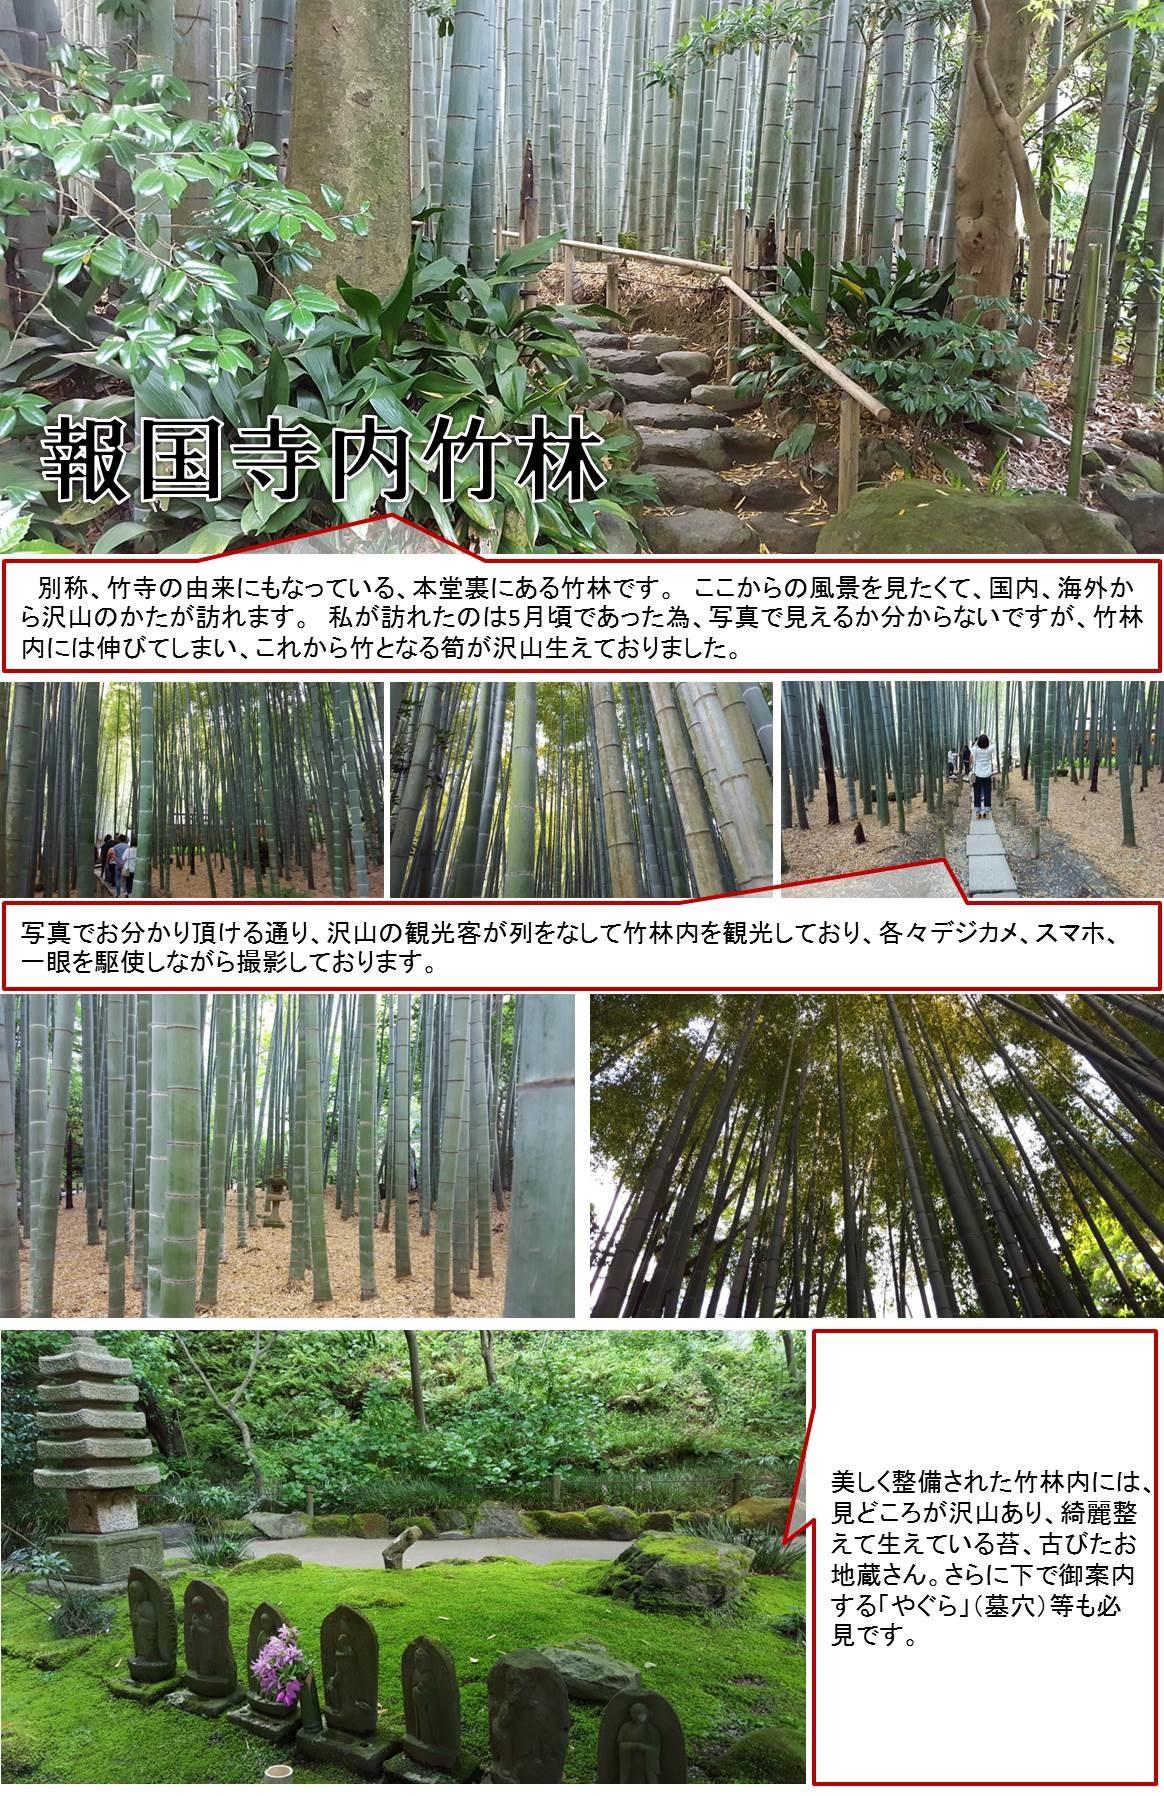 別称、竹寺の由来にもなっている、本堂裏にある竹林です。 ここからの風景を見たくて、国内、海外から沢山のかたが訪れます。 私が訪れたのは5月頃であった為、写真で見えるか分からないですが、竹林内には伸びてしまい、これから竹となる筍が沢山生えておりました。  写真でお分かり頂ける通り、沢山の観光客が列をなして竹林内を観光しており、各々デジカメ、スマホ、一眼を駆使しながら撮影しております。美しく整備された竹林内には、見どころが沢山あり、綺麗整えて生えている苔、古びたお地蔵さん。さらに下で御案内する「やぐら」(墓穴)等も必見です。